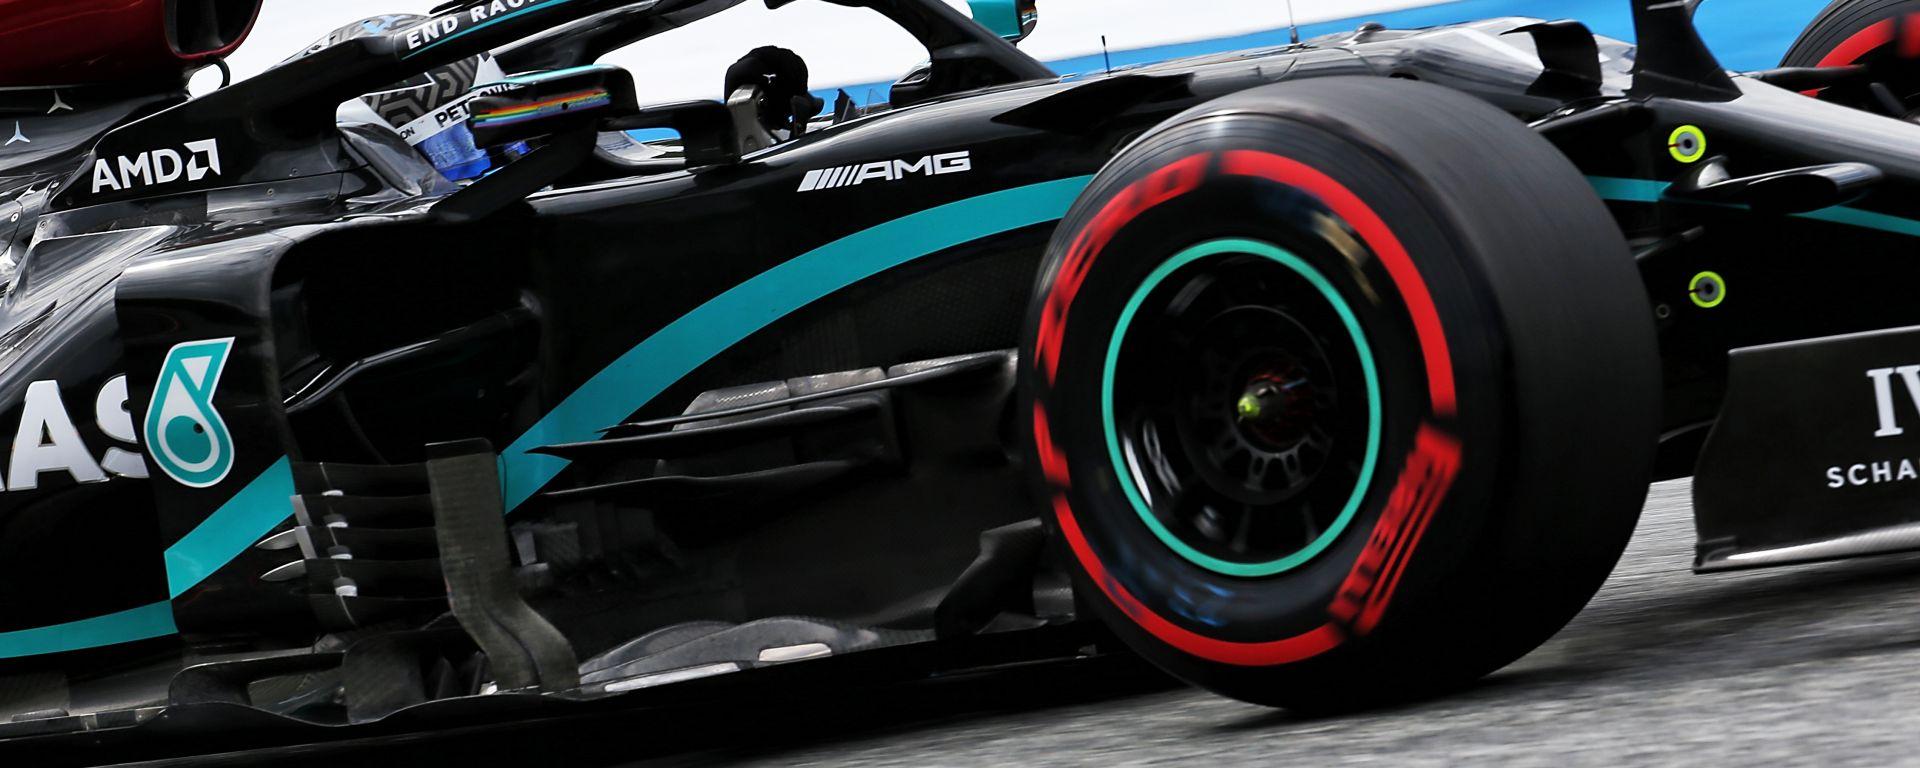 F1 GP Austria 2020, Red Bull Ring: la Mercedes sotto indagine per l'utilizzo del DAS